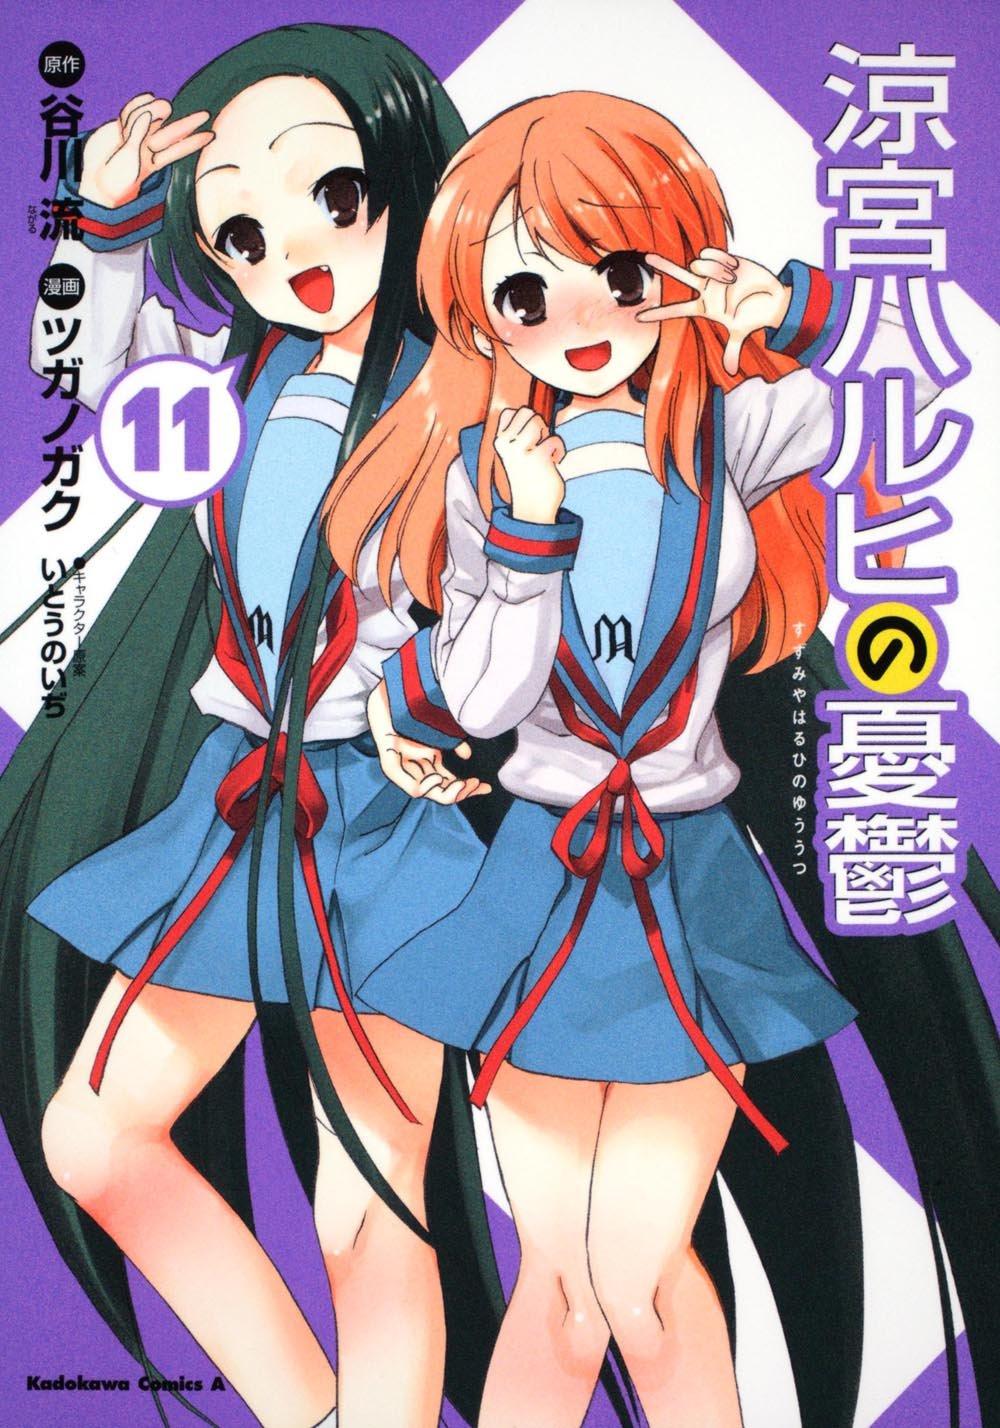 The Melancholy of Haruhi Suzumiya Part 11 (manga)